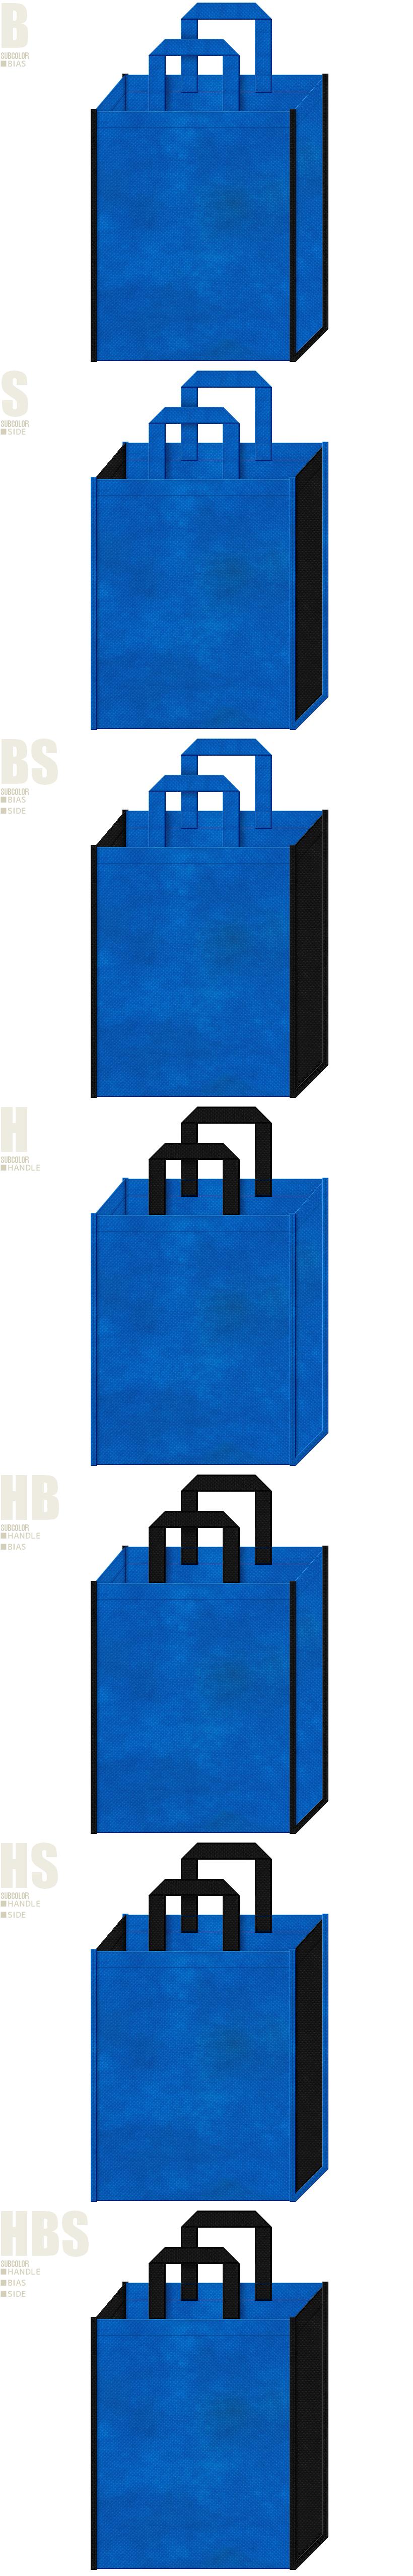 不織布トートバッグのデザイン例-不織布メインカラーNo.22+サブカラーNo.9の2色7パターン